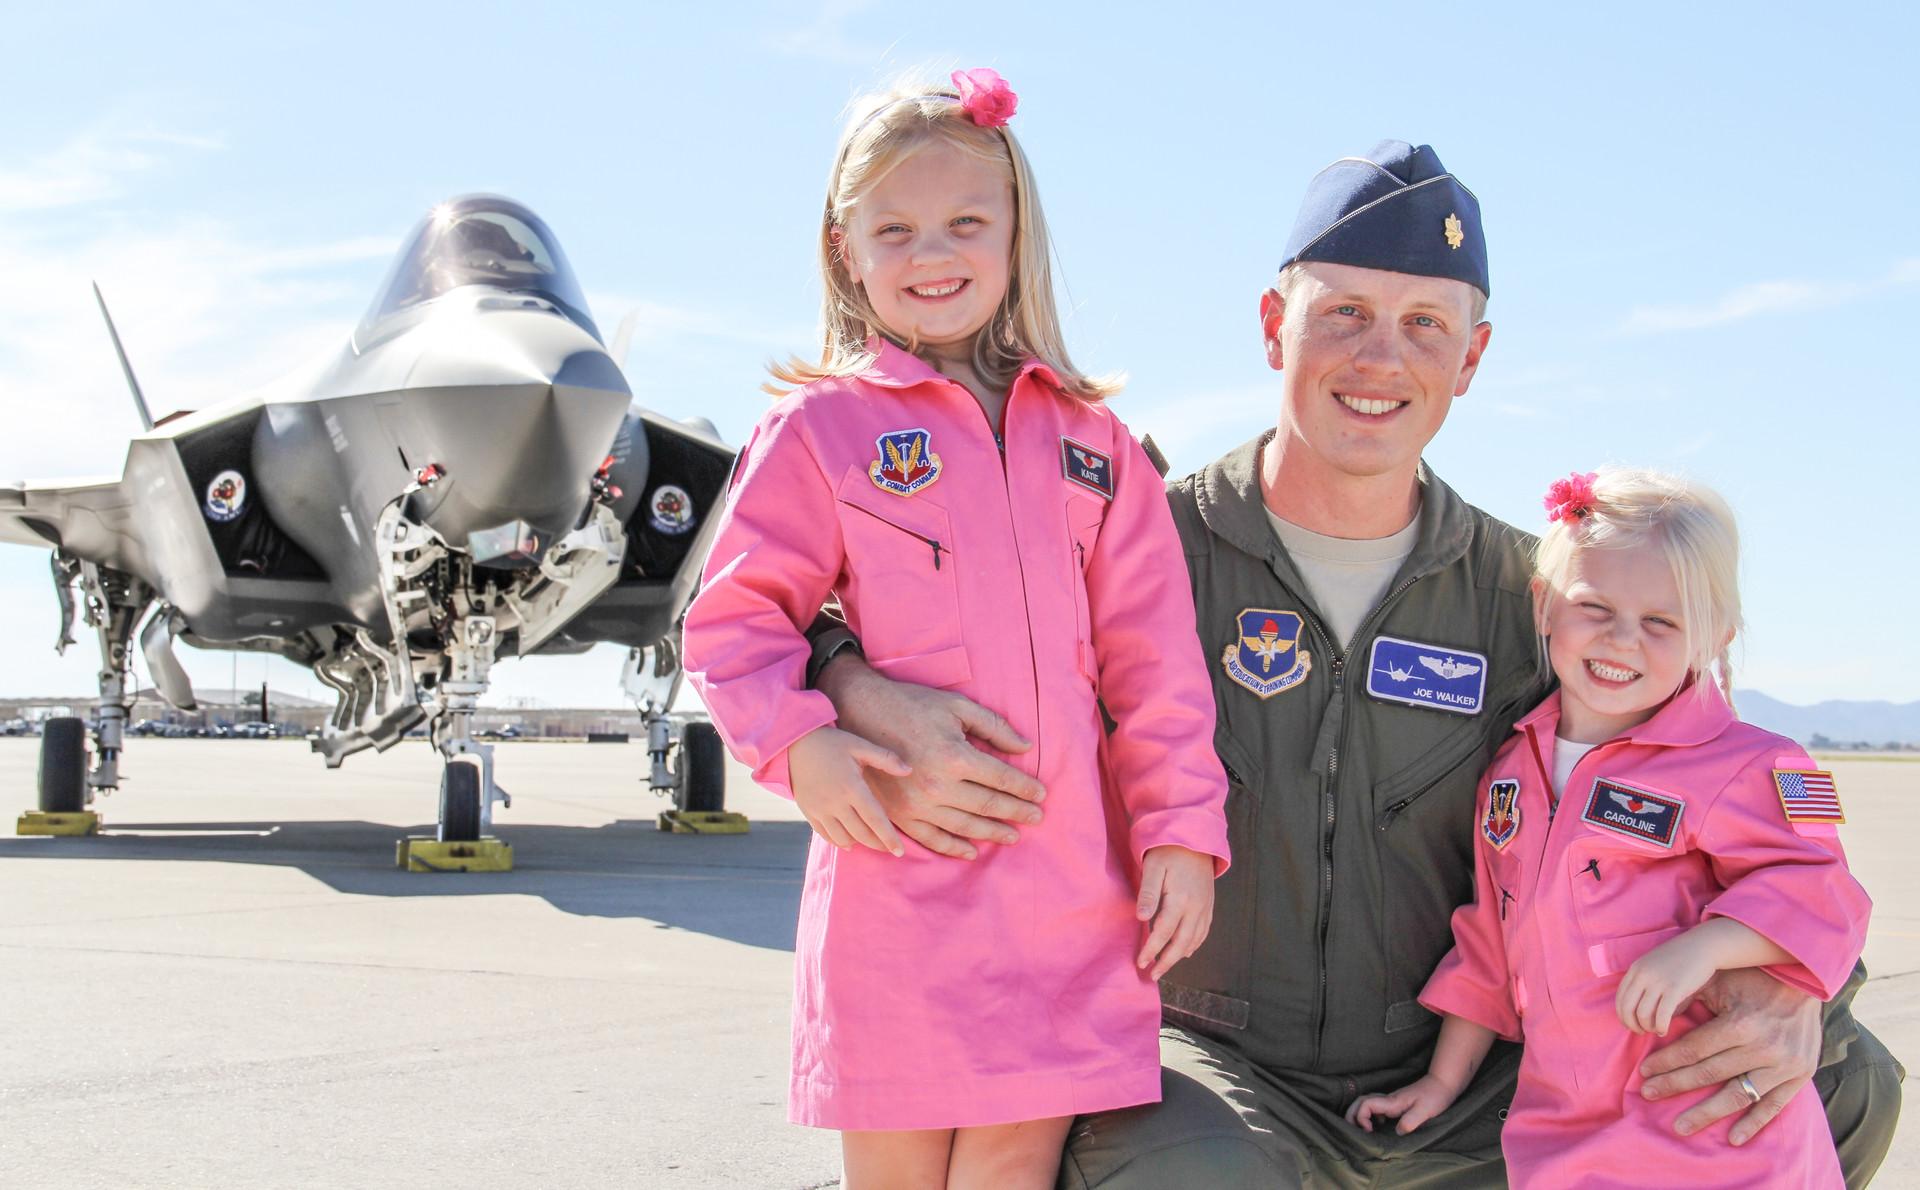 Family Military Photography Arizona